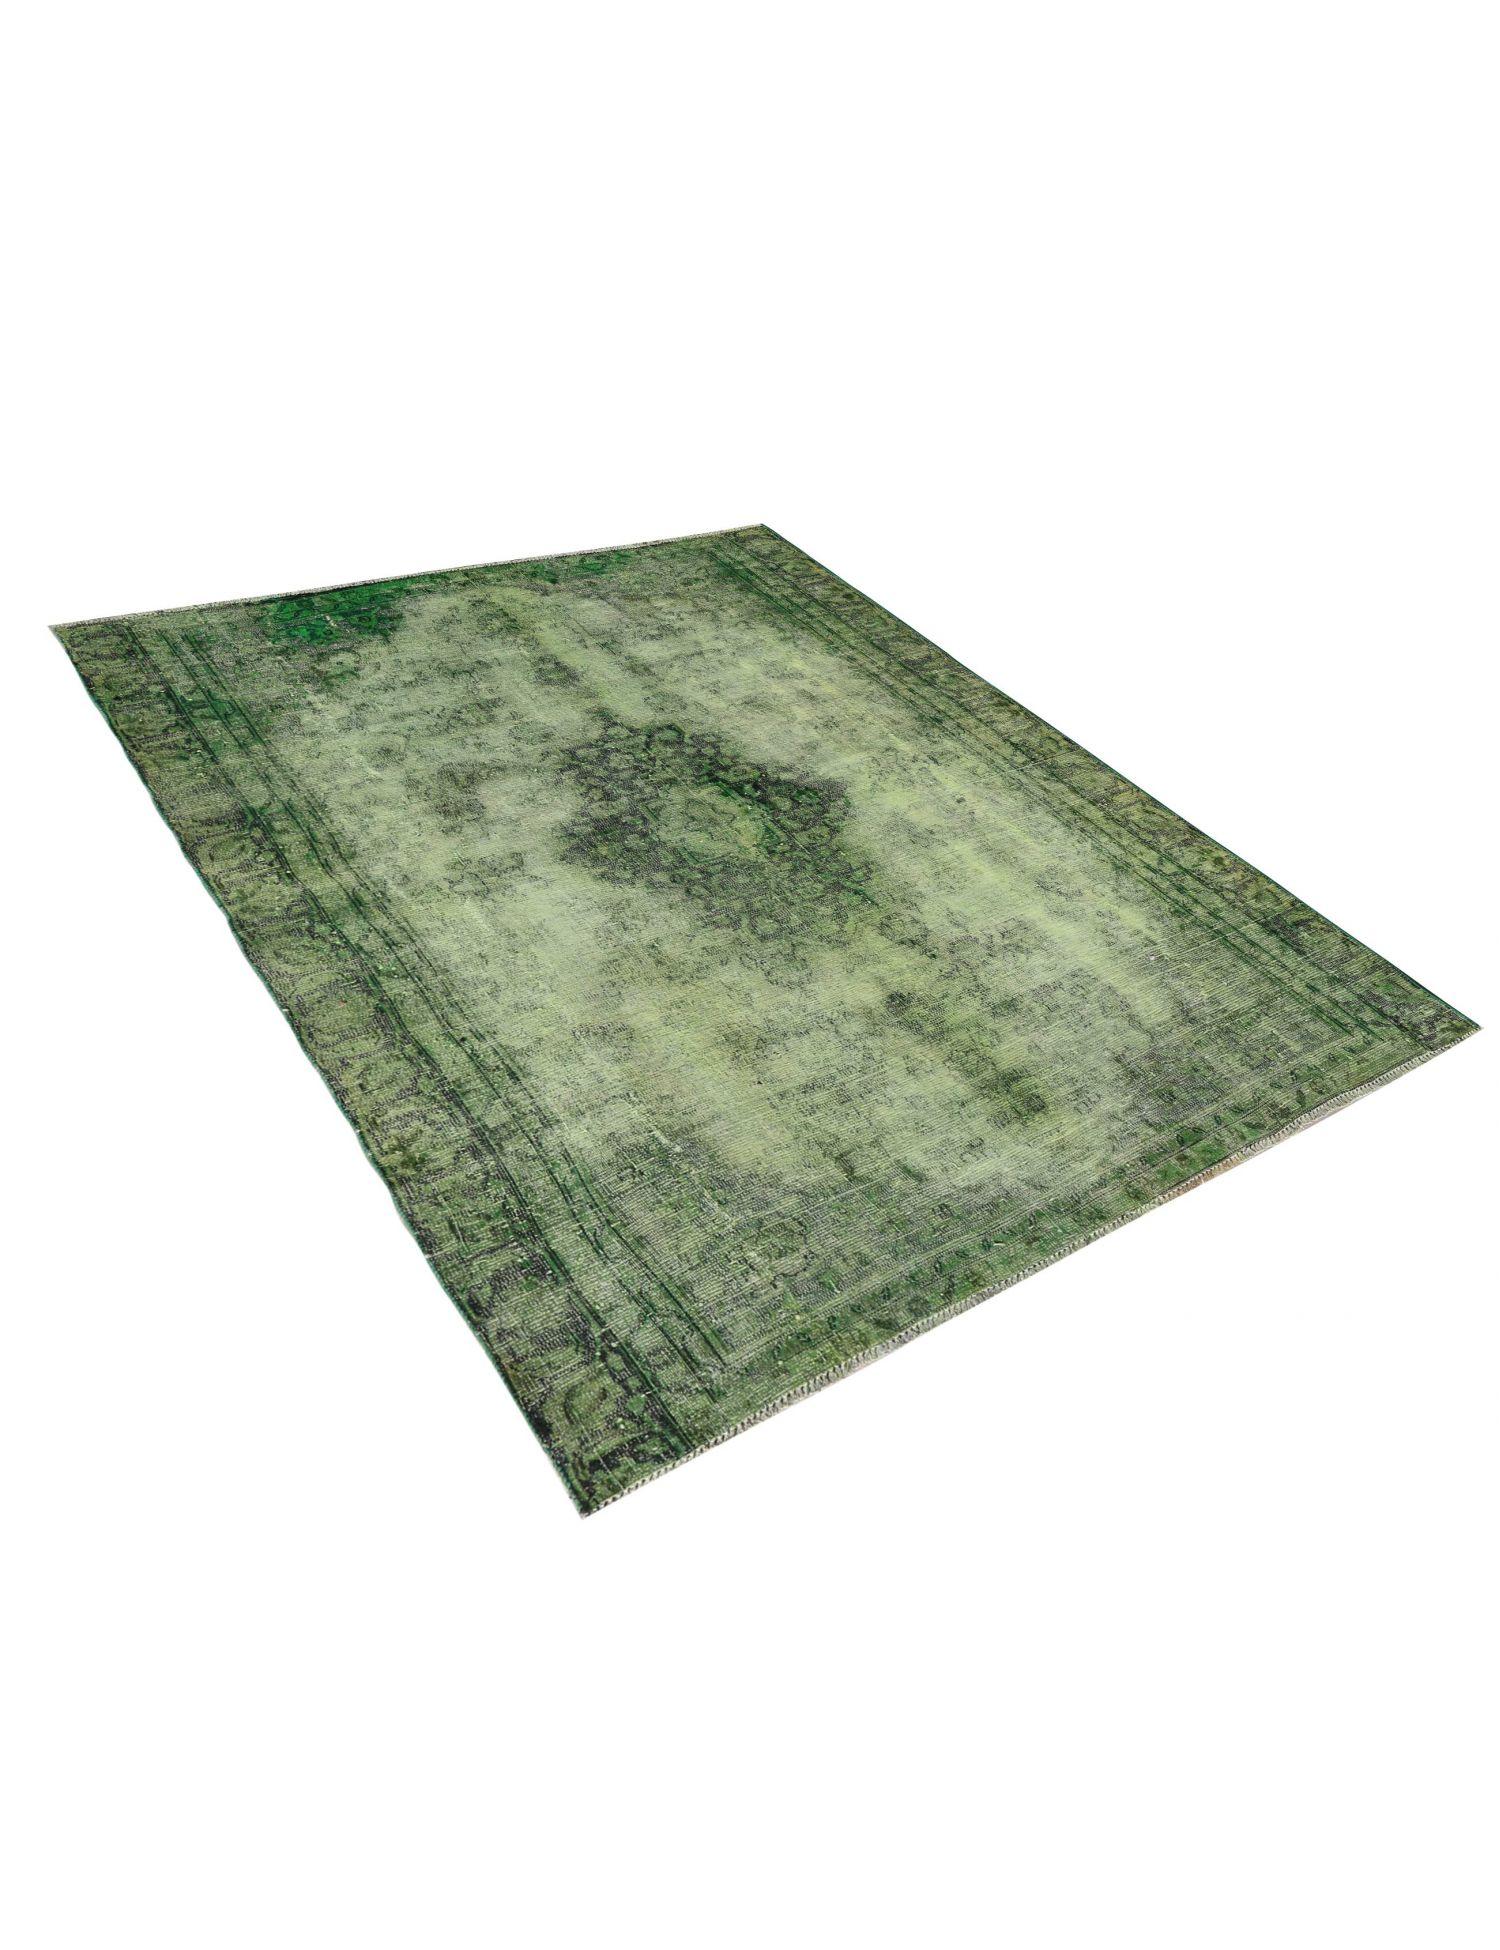 Vintage Teppich  grün <br/>250 x 180 cm